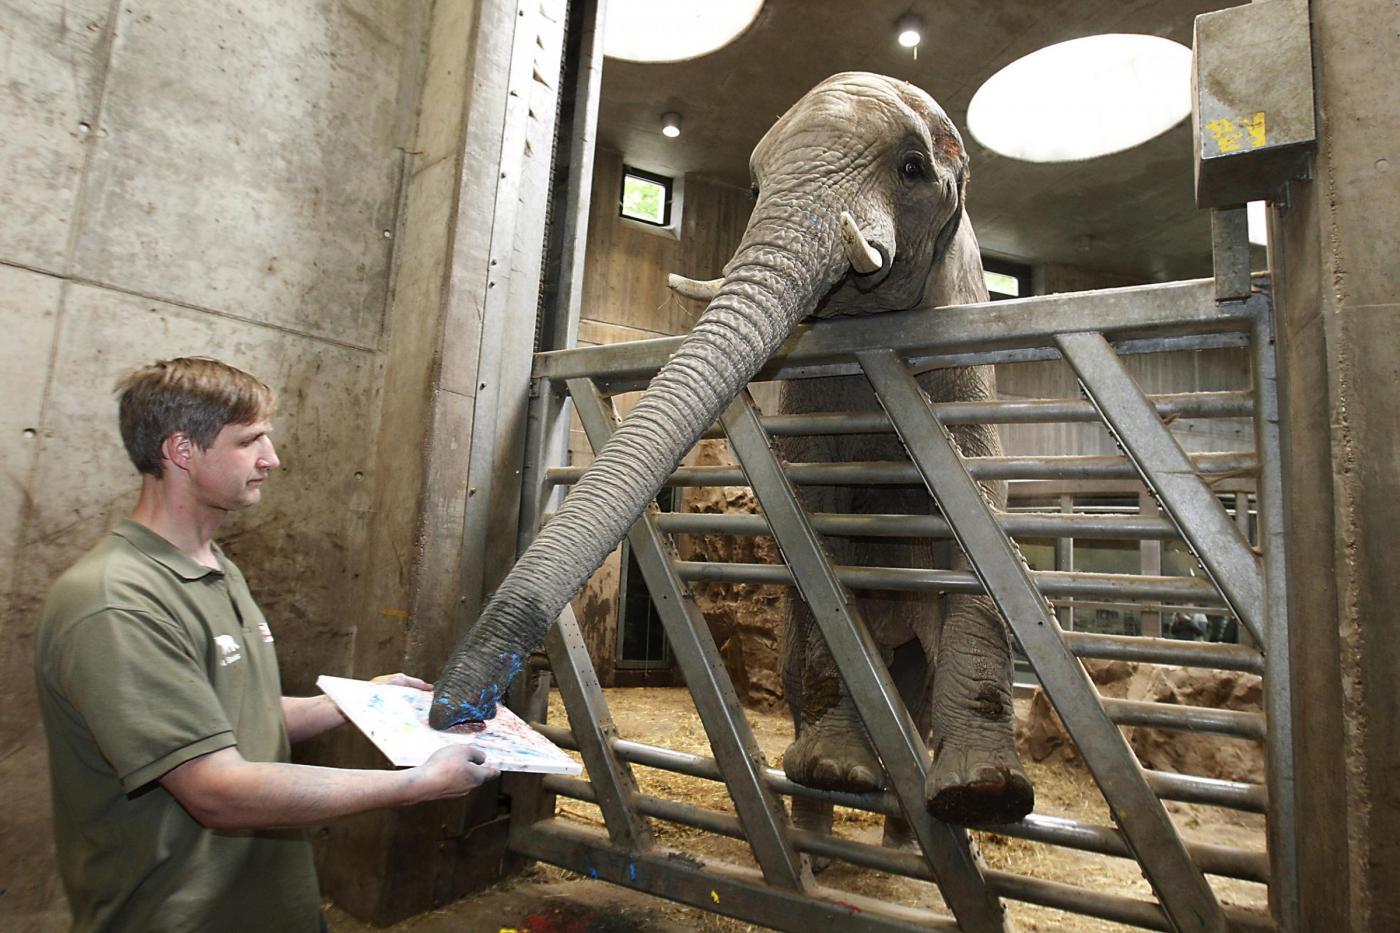 Abu, l'elefante dello zoo di Halle che dipinge con la proboscide07